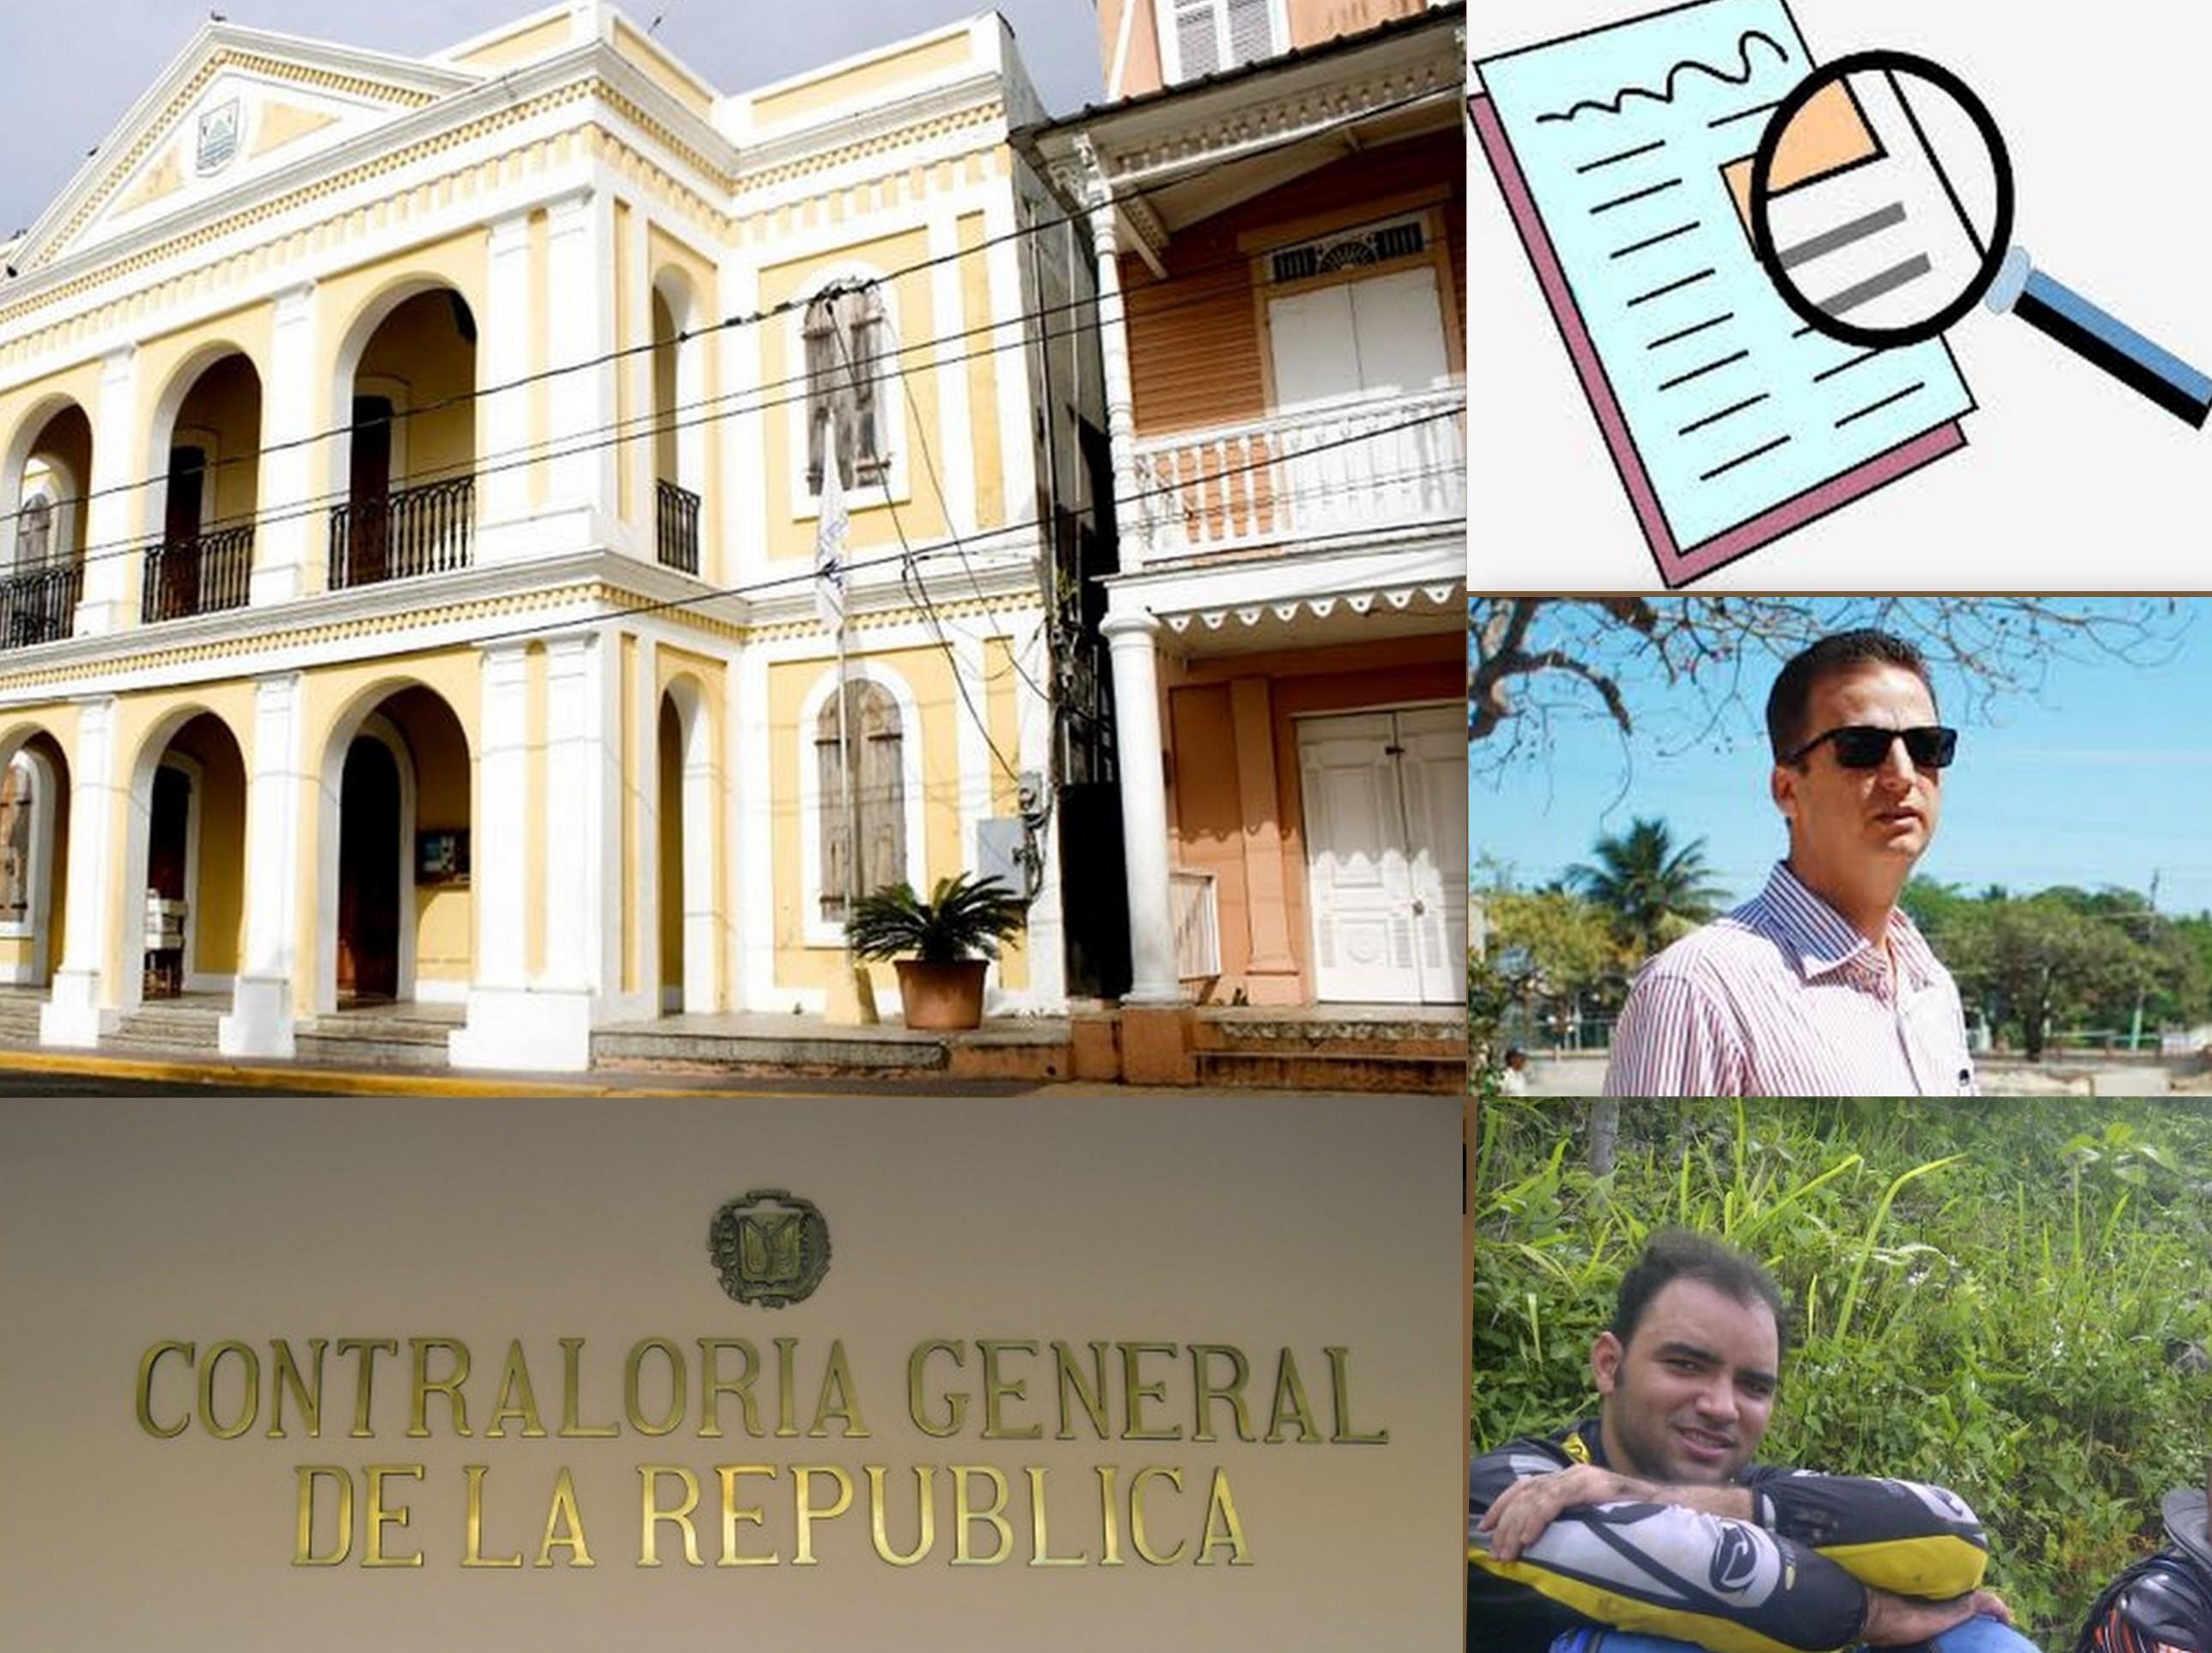 Contraloría República llega sorpresivamente auditar cabildo POP, autoridades mantienen silencio.